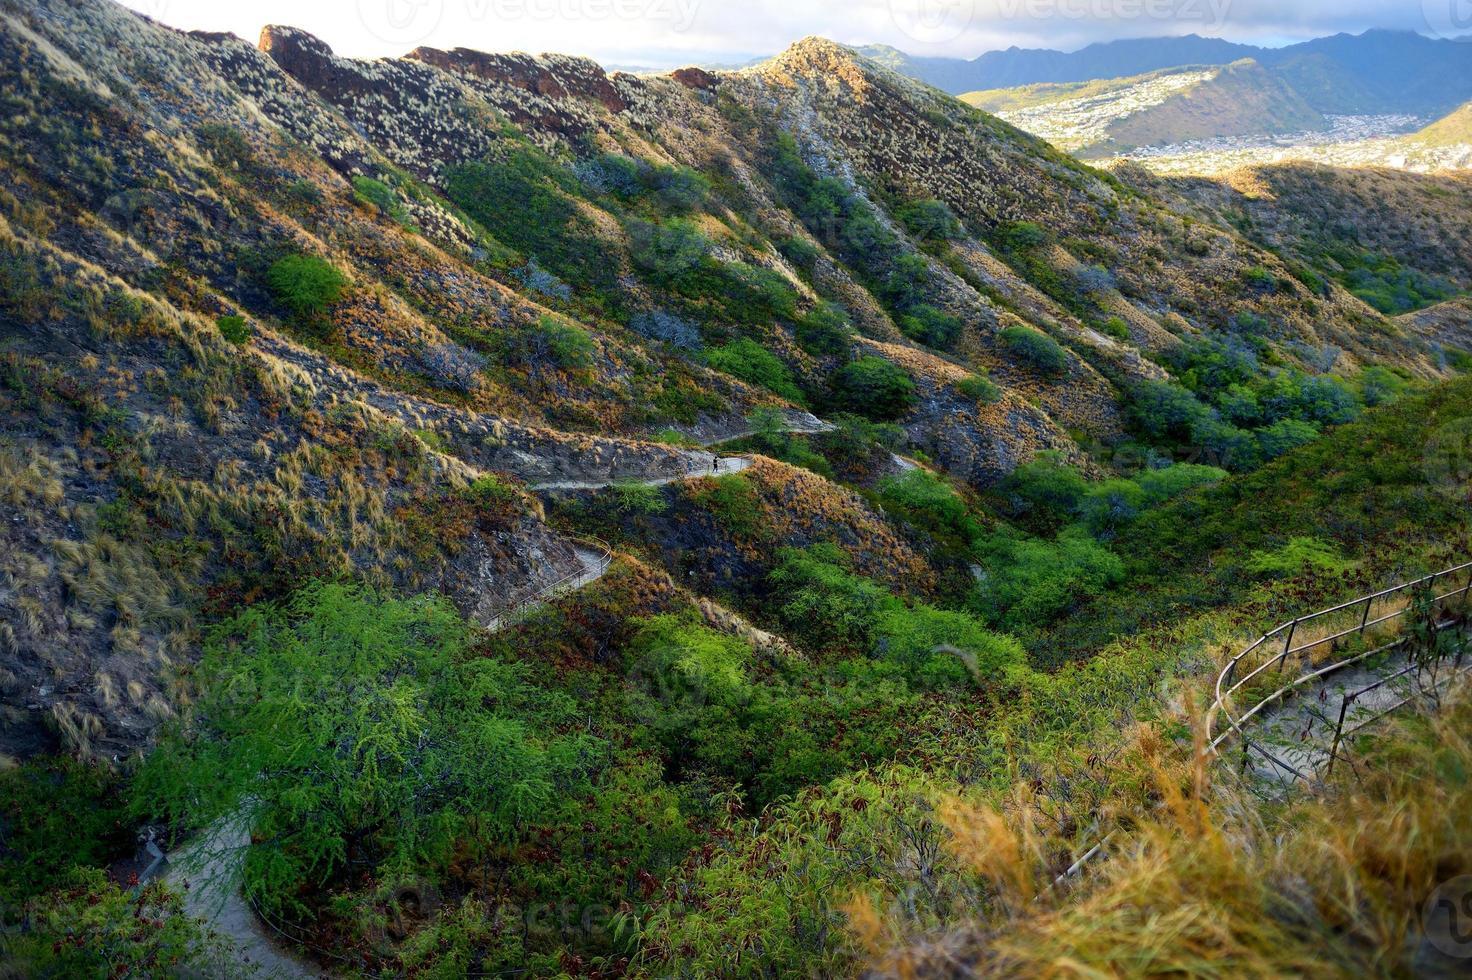 Sentier jusqu'au point de vue du cratère Diamond Head sur Oahu photo